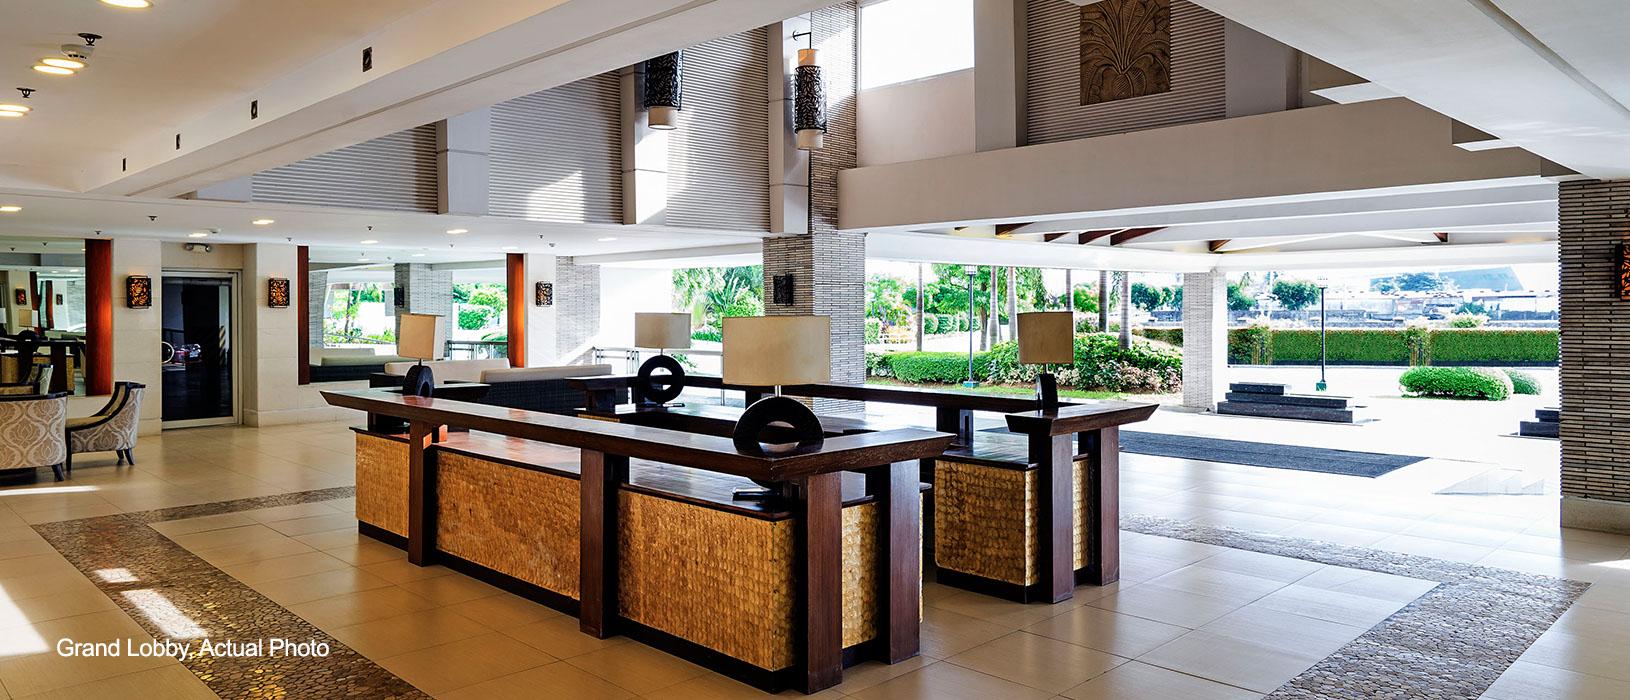 Field Residences Grand Lobby2